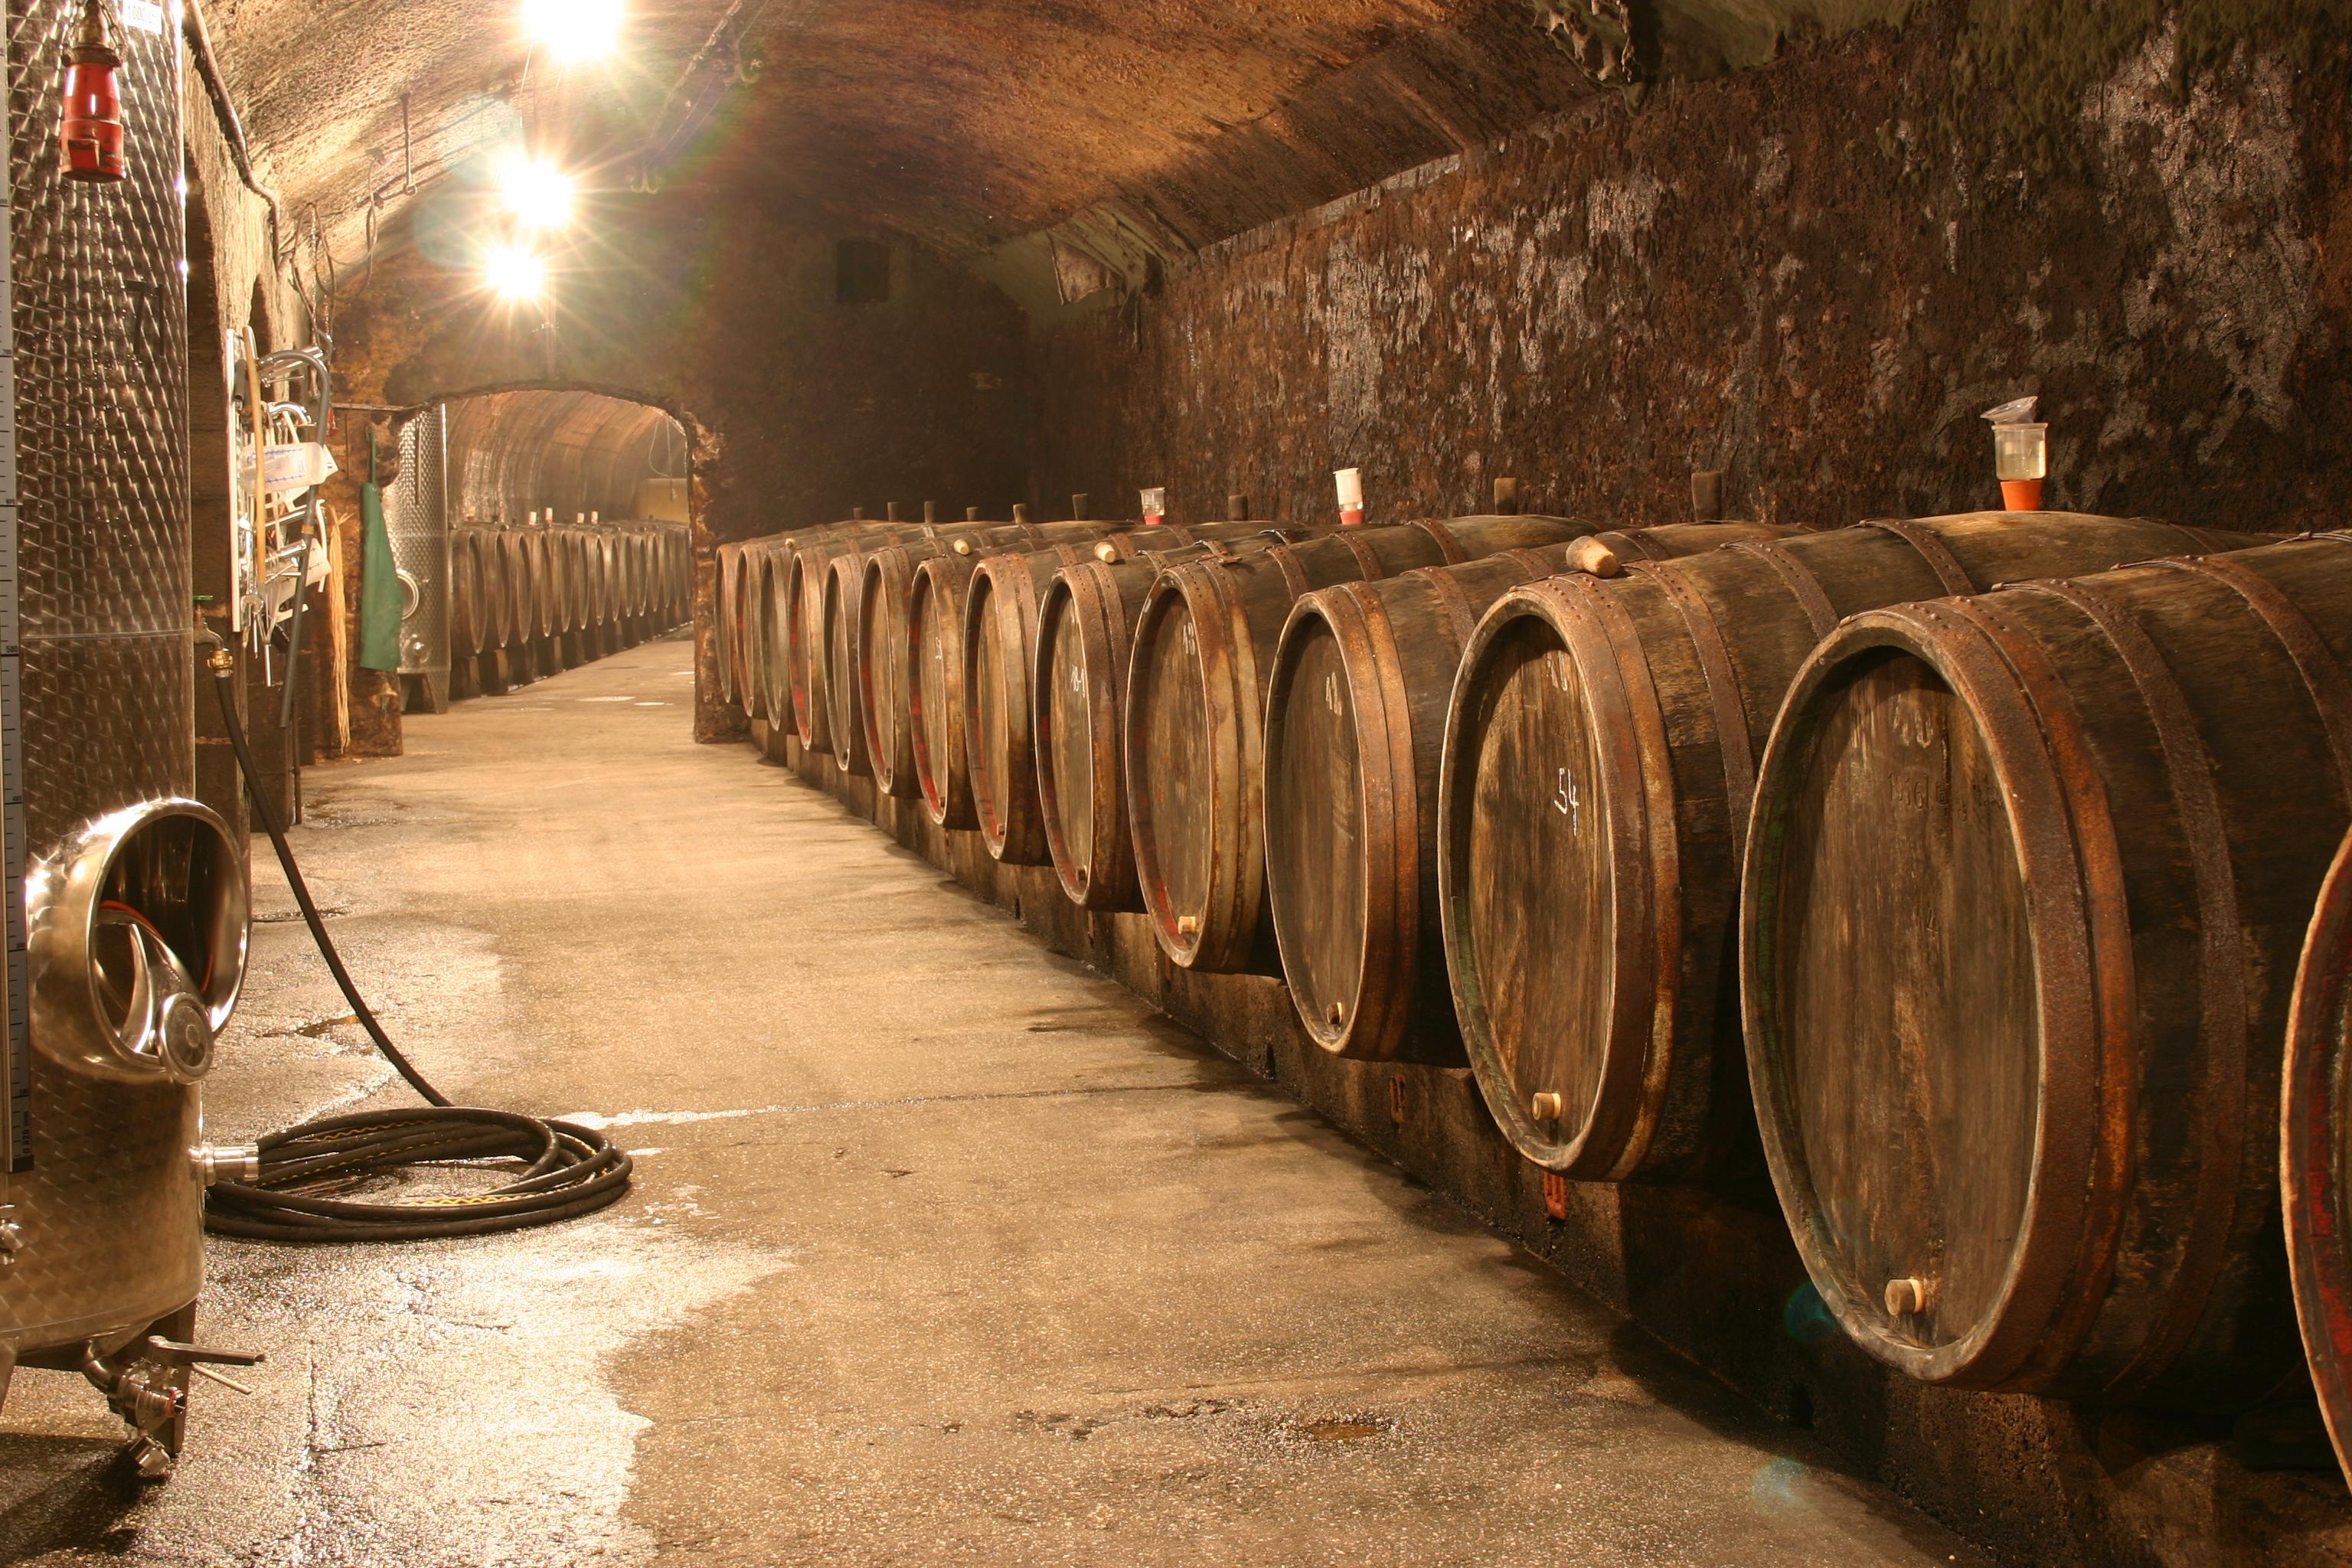 002_Alter_Fasskeller___Old_cask_cellar